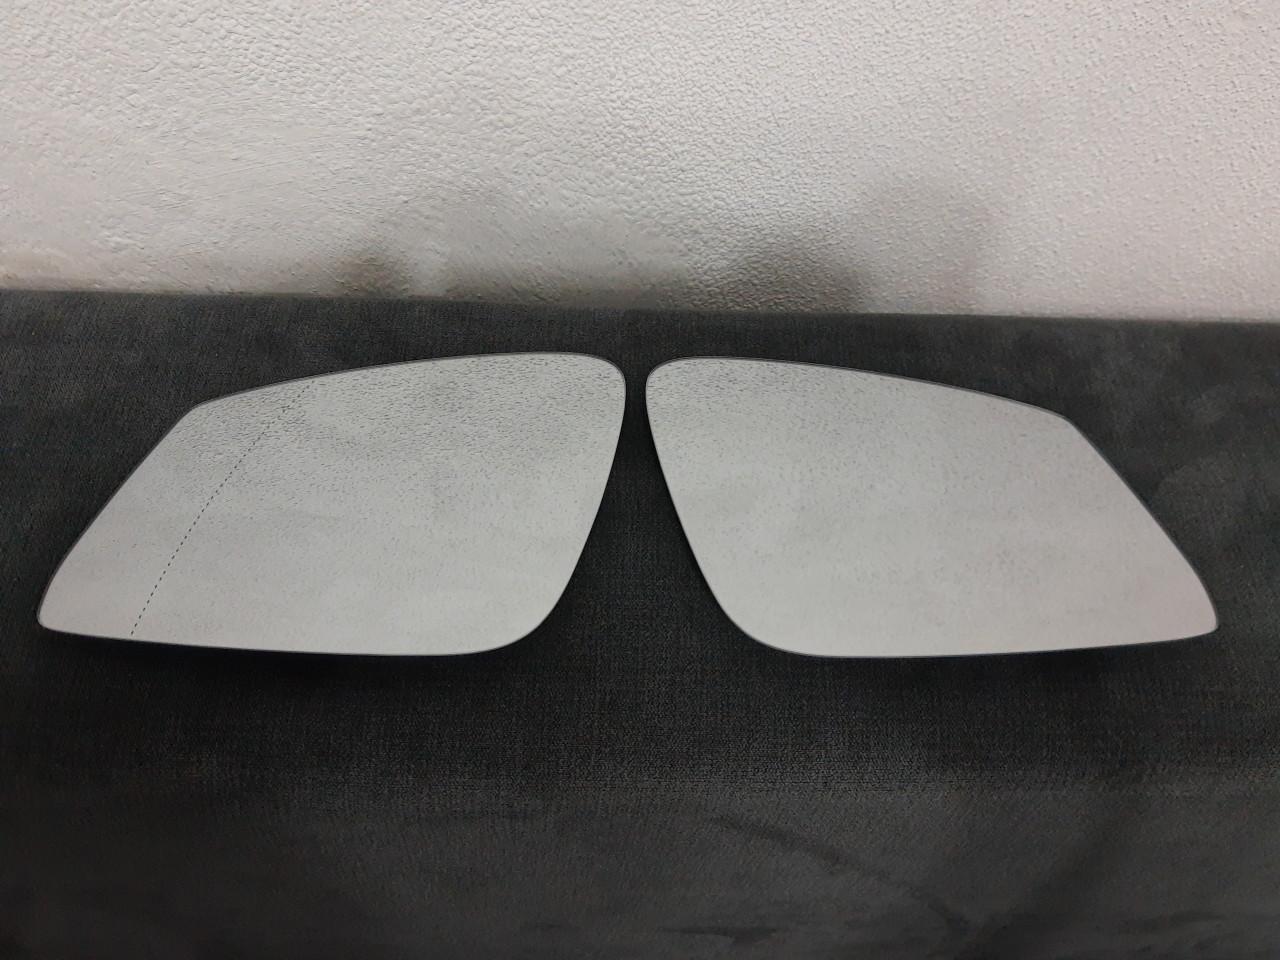 Geam oglinda stanga sau dreapta  BMW seria 3 F30 original